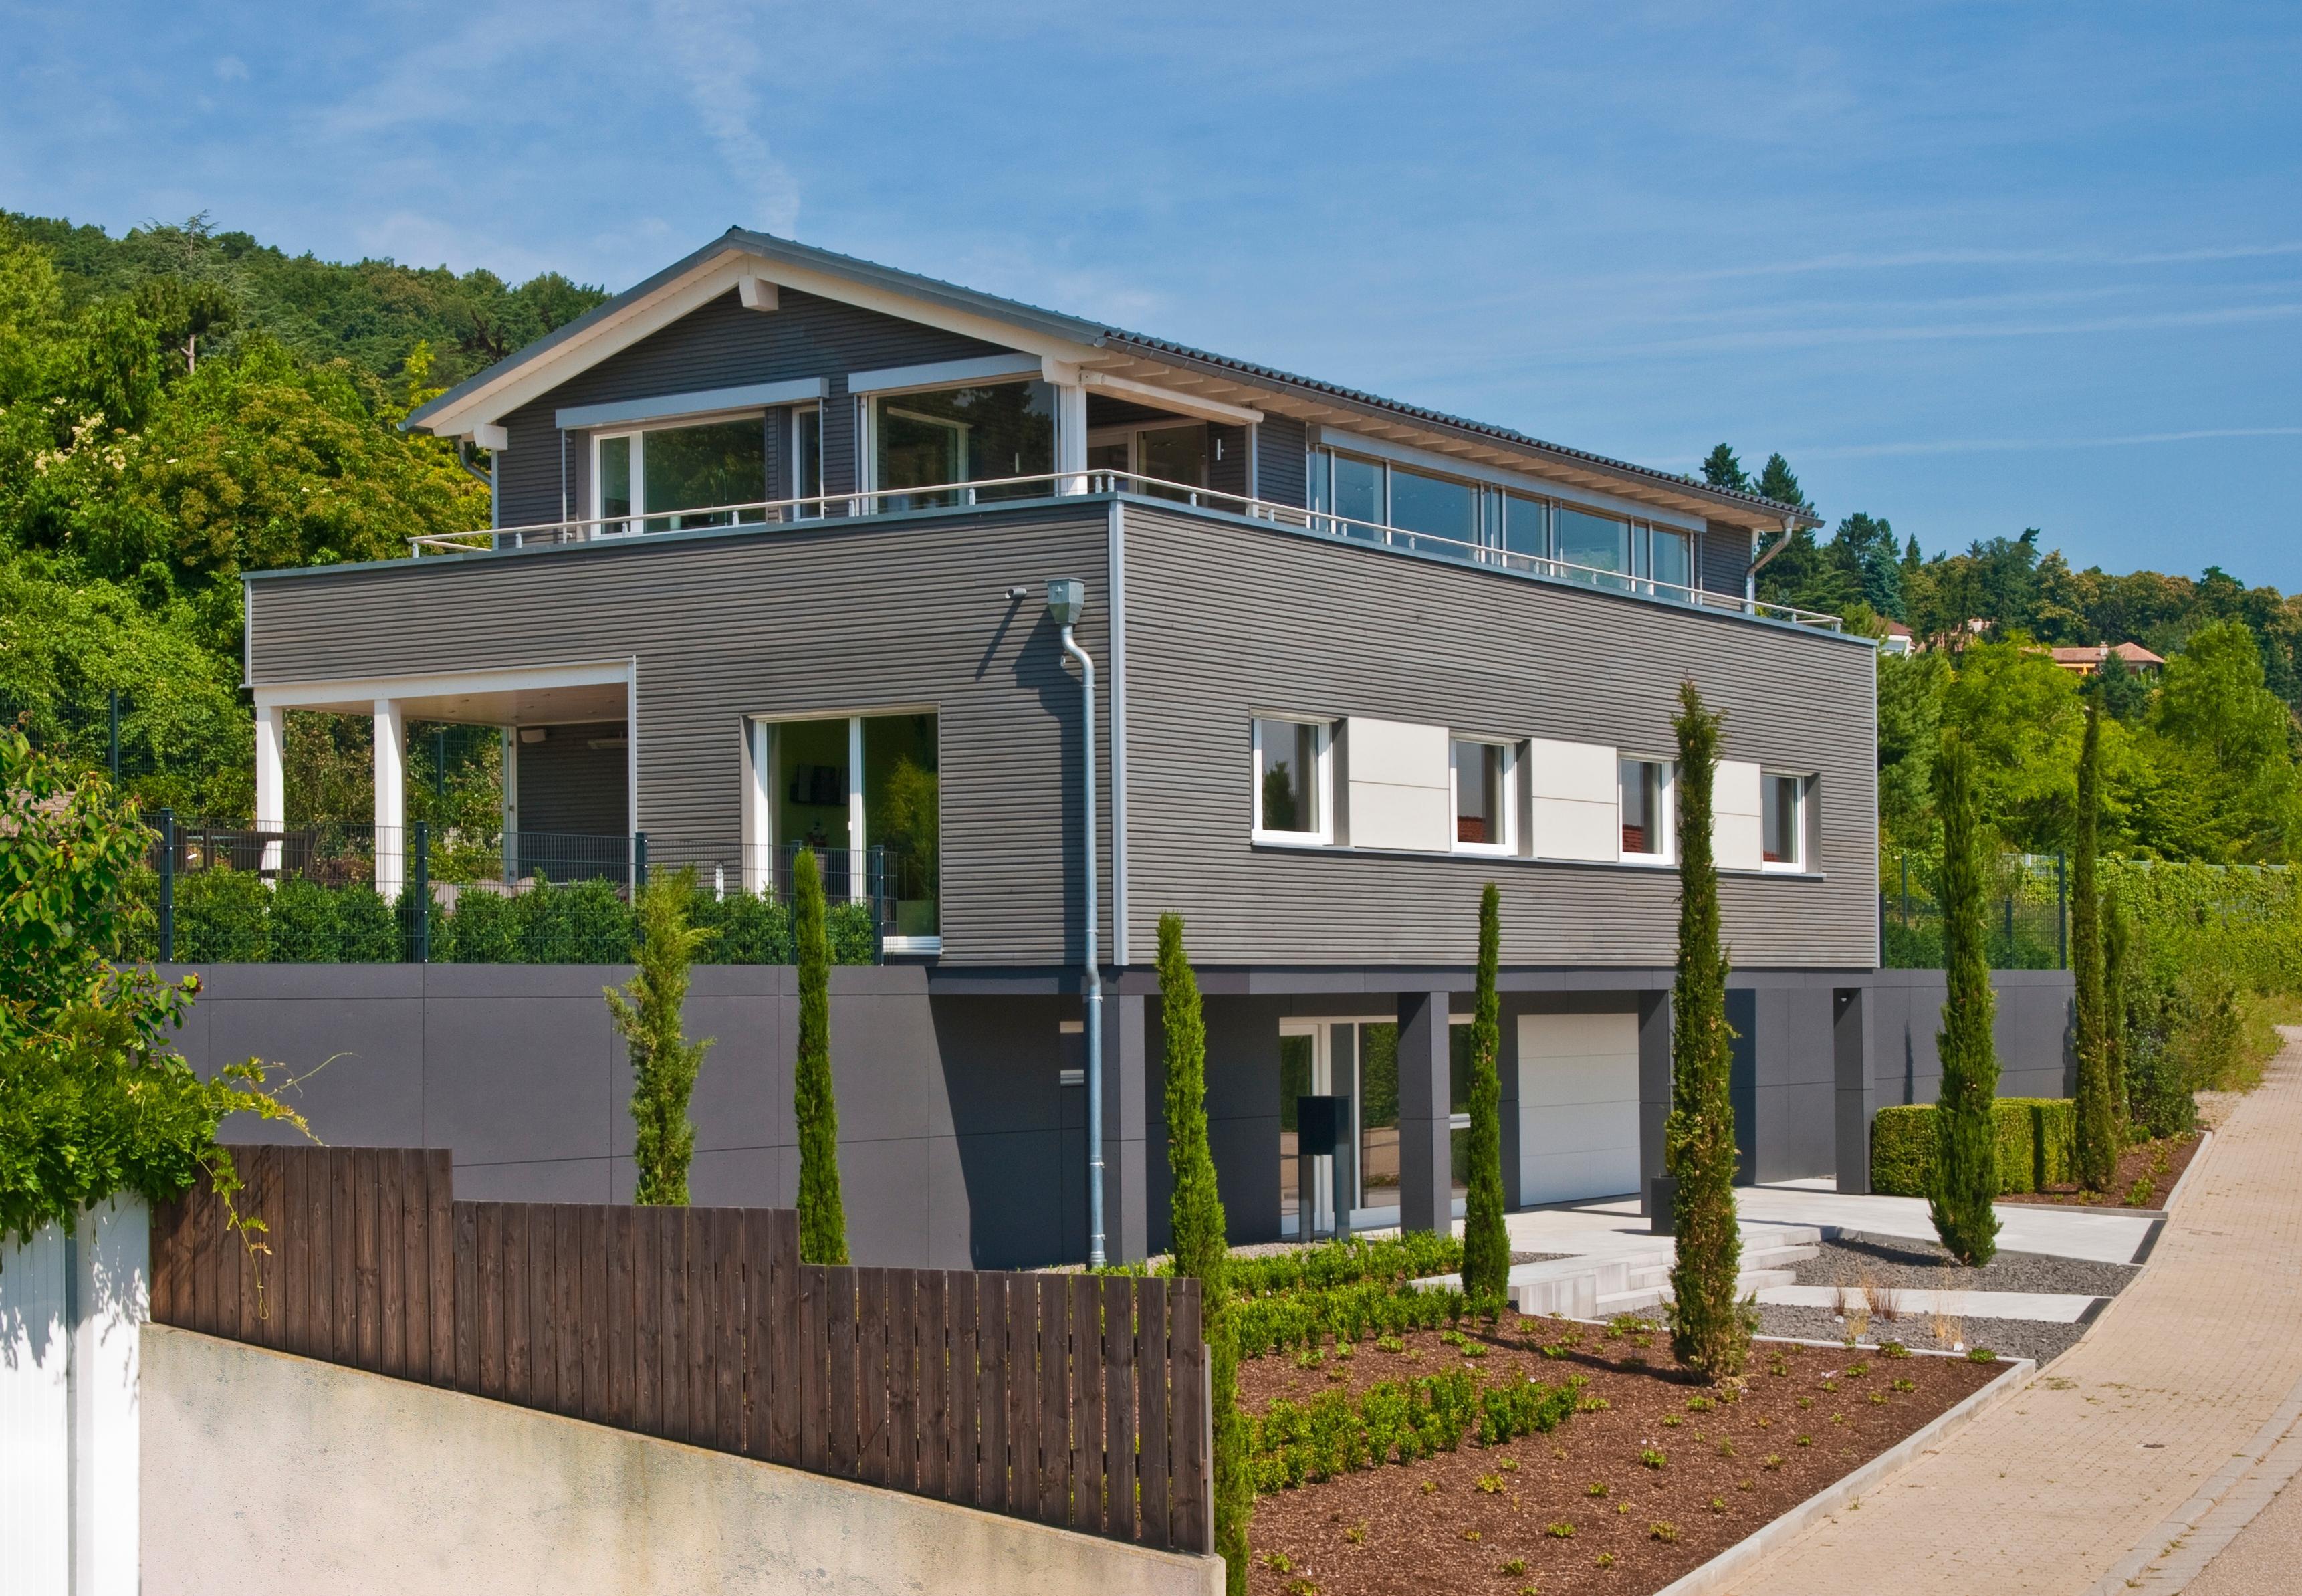 Haus Schwaab Dachterrasse Satteldach Garage C Bauf